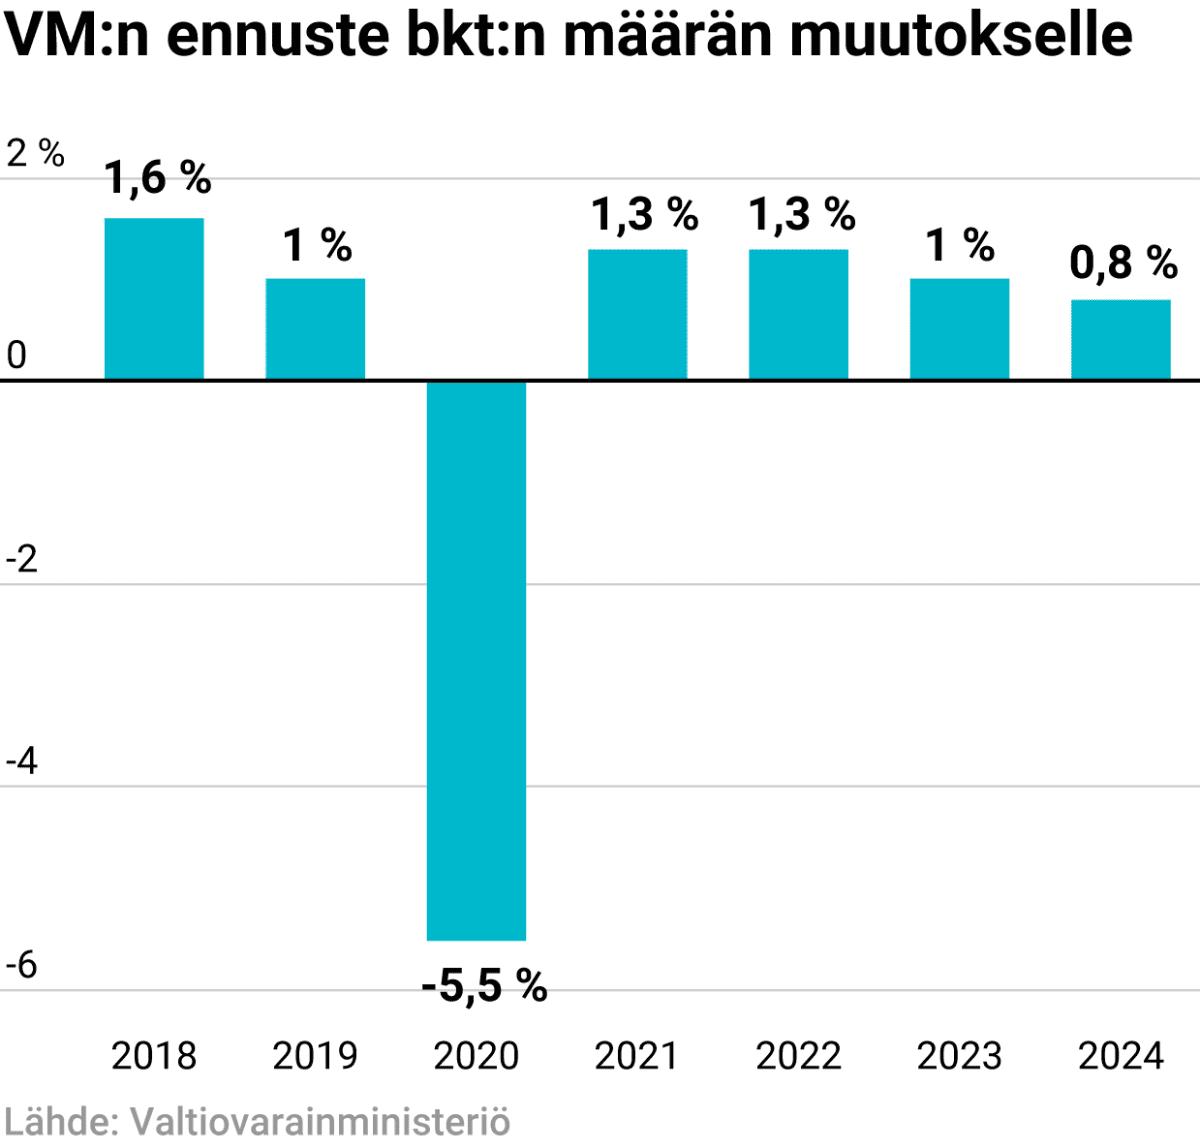 Valtiovarainministeriön ennuste bkt:n määrän muutokselle